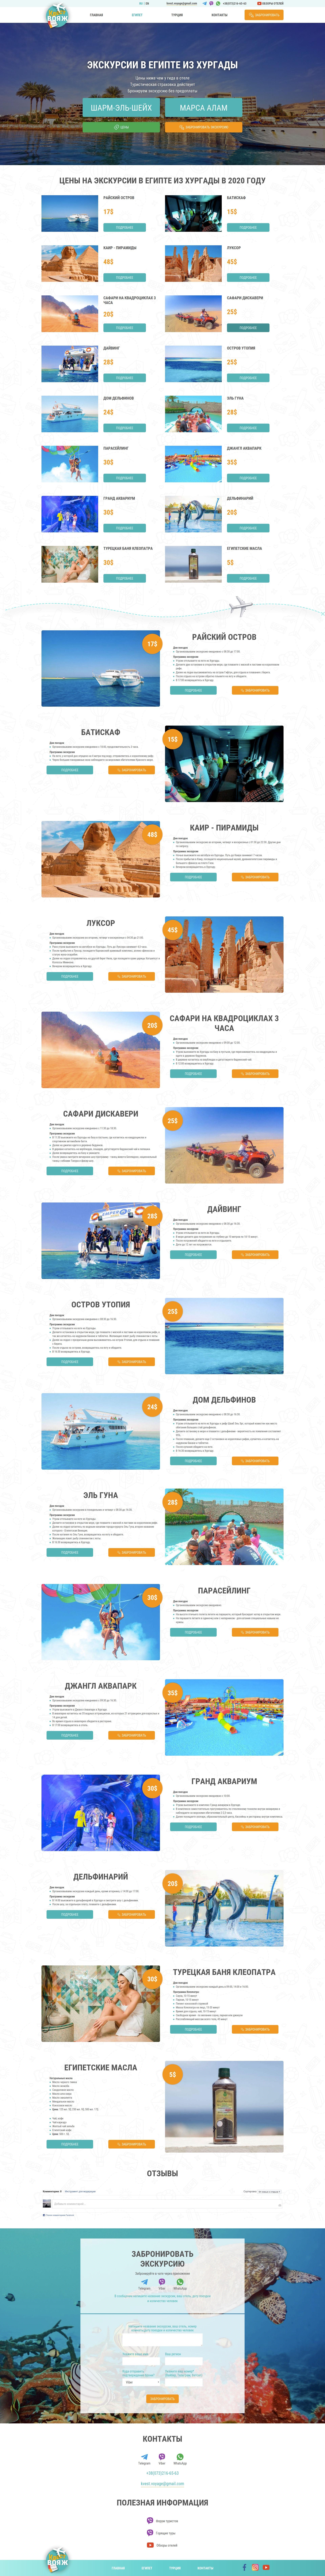 Фото Сайт по организации экскурсий и туров в Египте и Турции. Уникальный дизайн, адаптивная верстка под экраны всех устройств. Каталог экскурсий, форма для бронирования экскурсий, виджет для заказа такси.